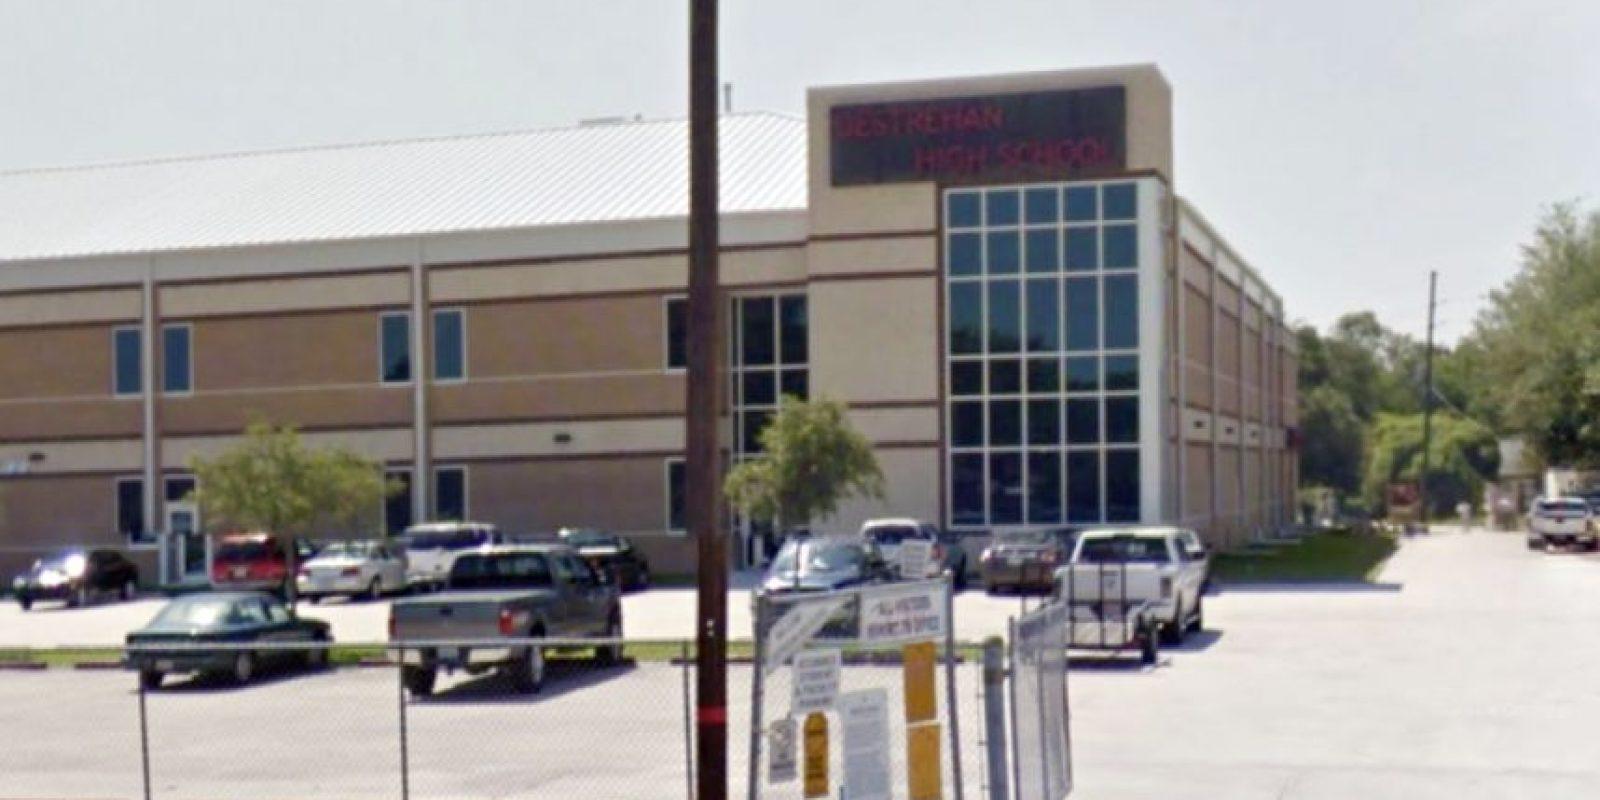 El alumno de 16 años estudiaba en la escuela Destrehan High School. Foto:Google Maps